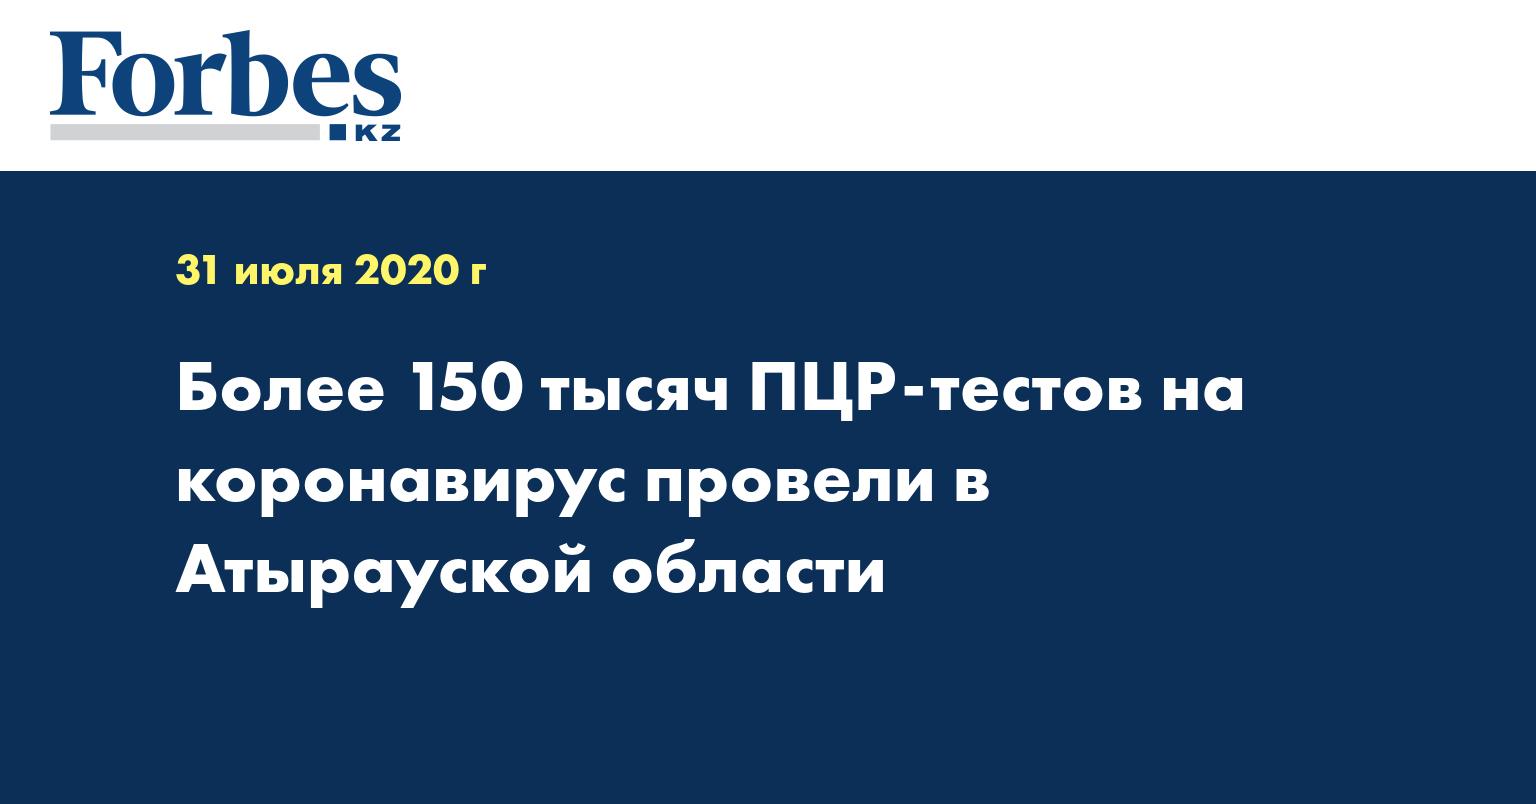 Более 150 тысяч ПЦР-тестов на коронавирус провели в Атырауской области